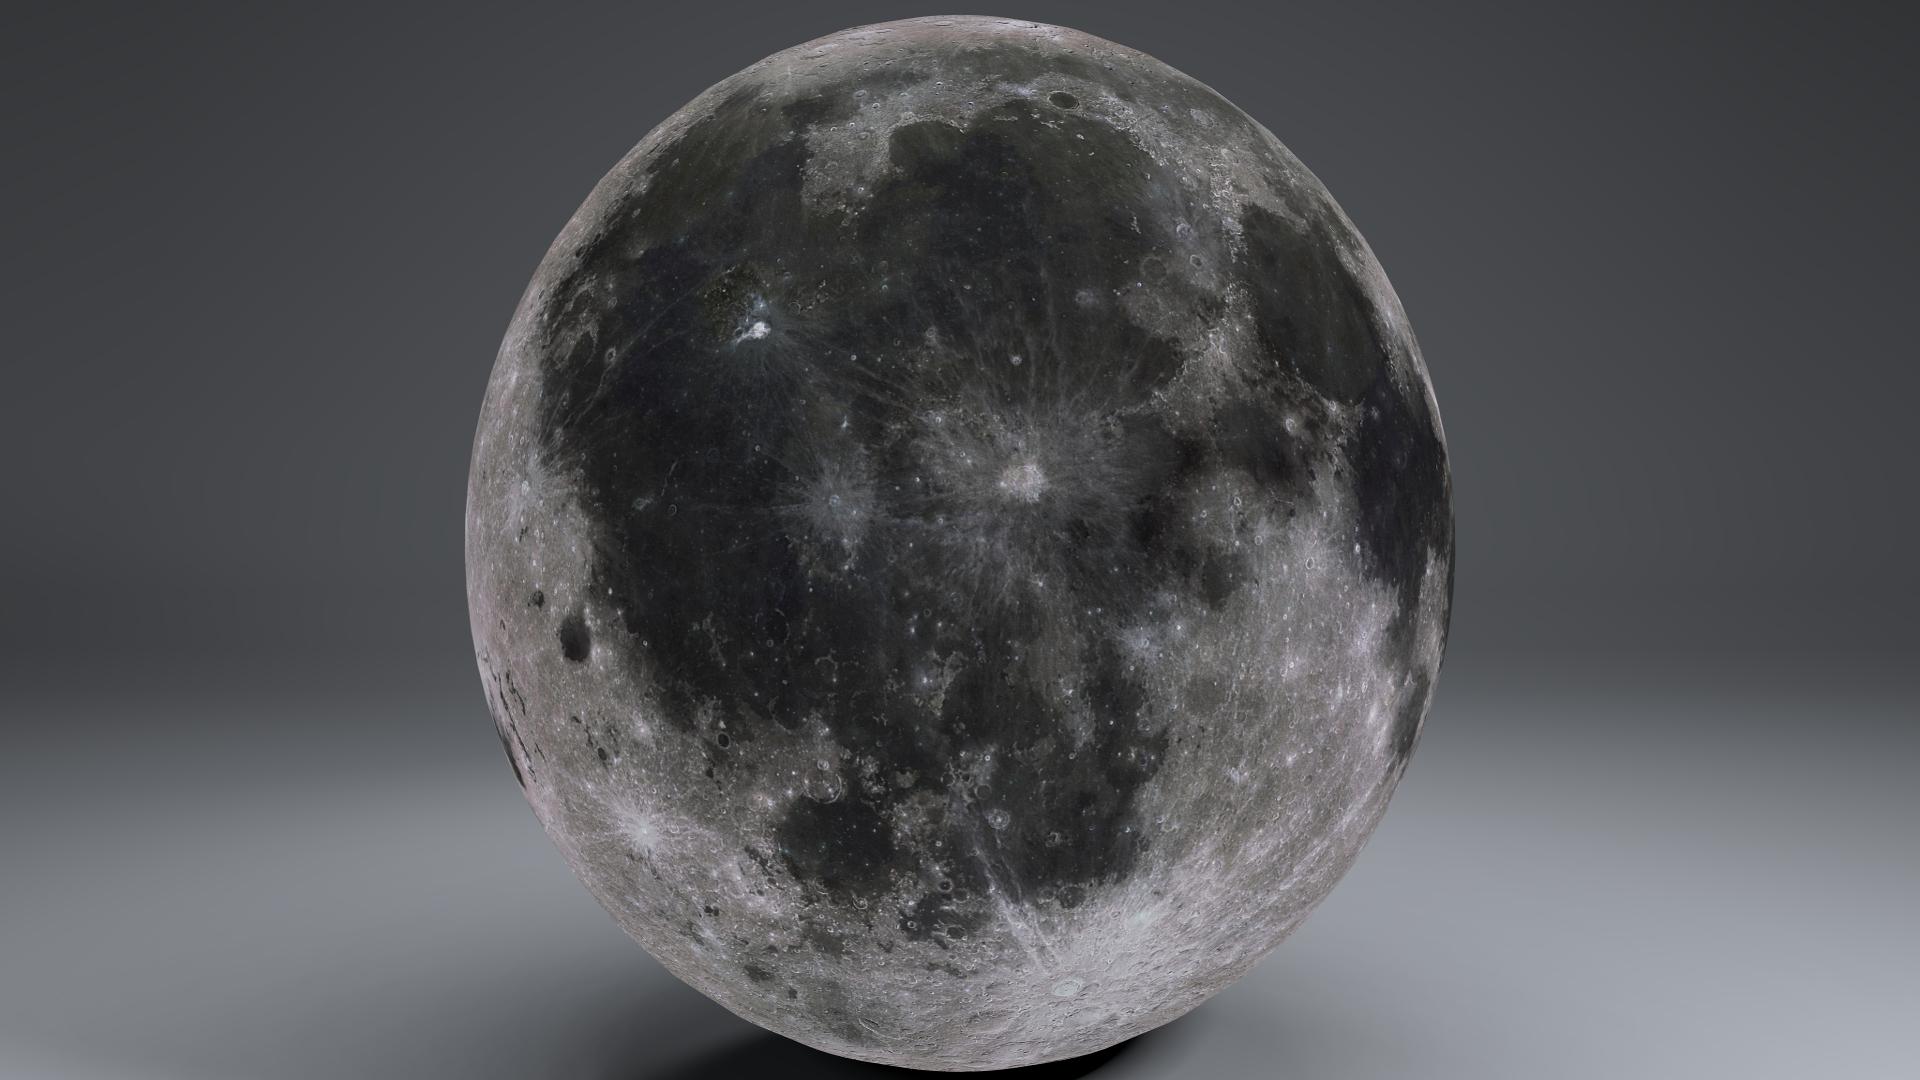 MoonGlobe 4k 3d model 3ds fbx blend dae obj 221757